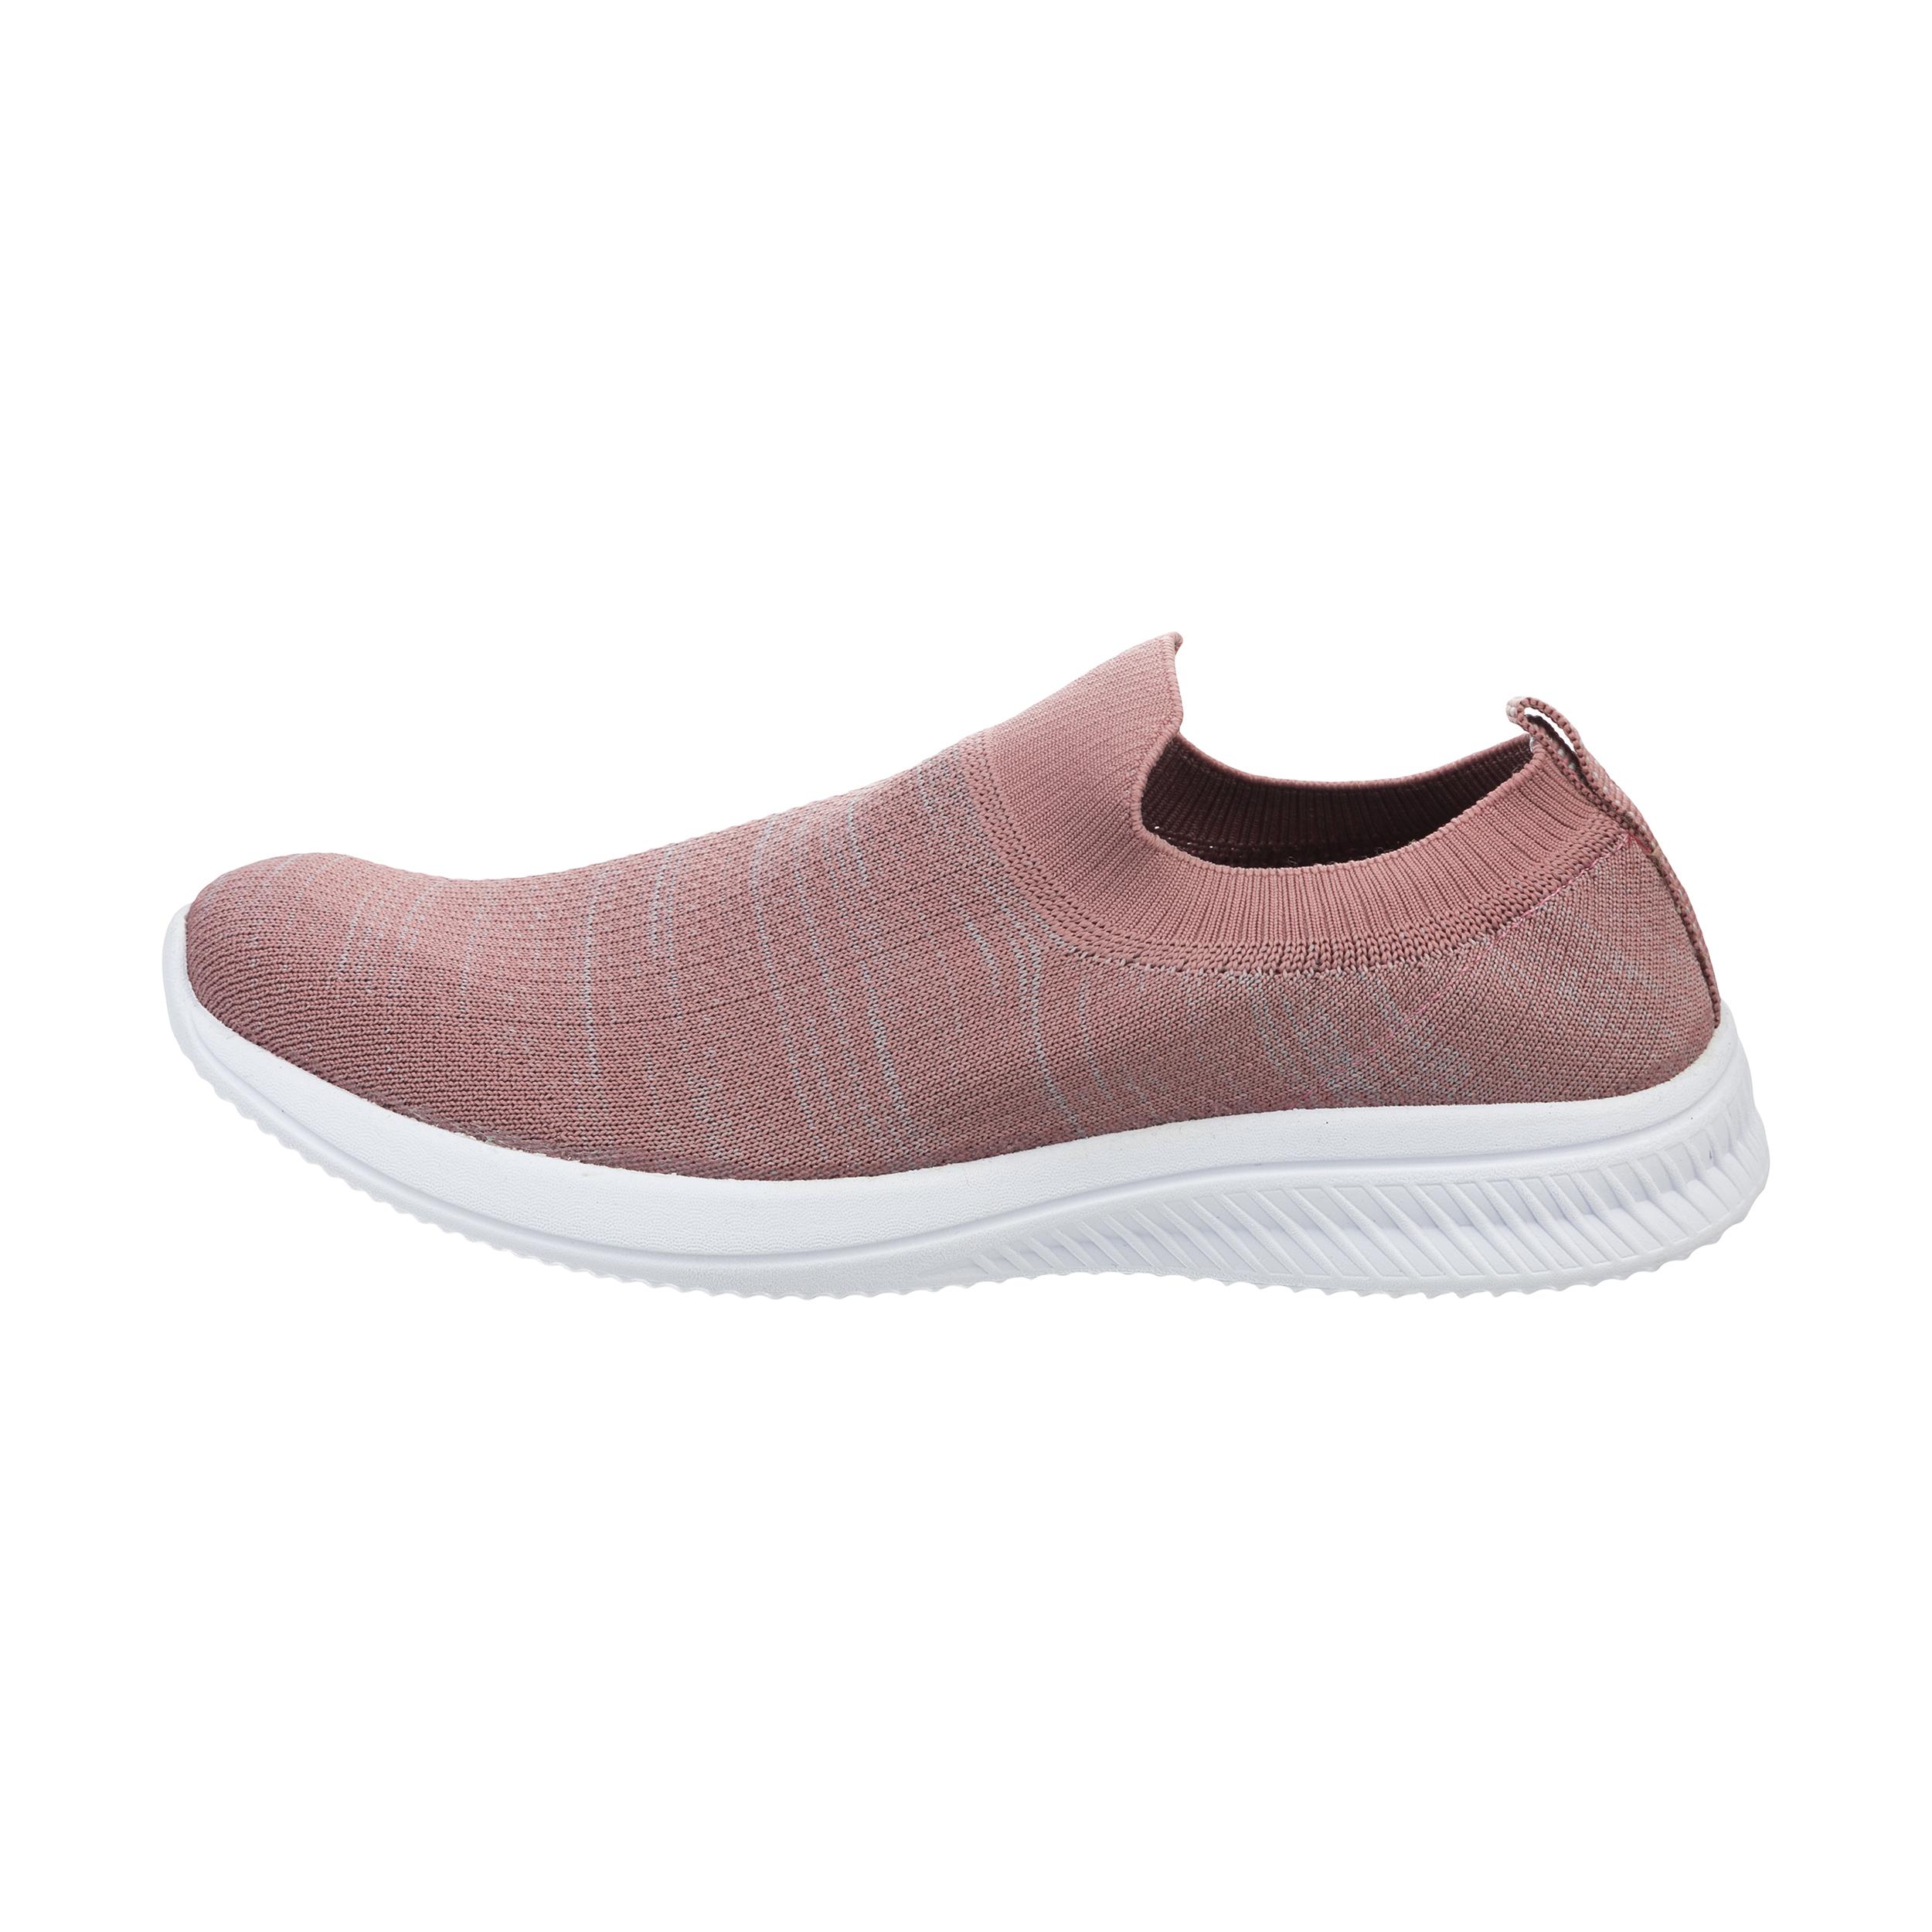 کفش مخصوص پیاده روی زنانه مل اند موژ کد W1102-7